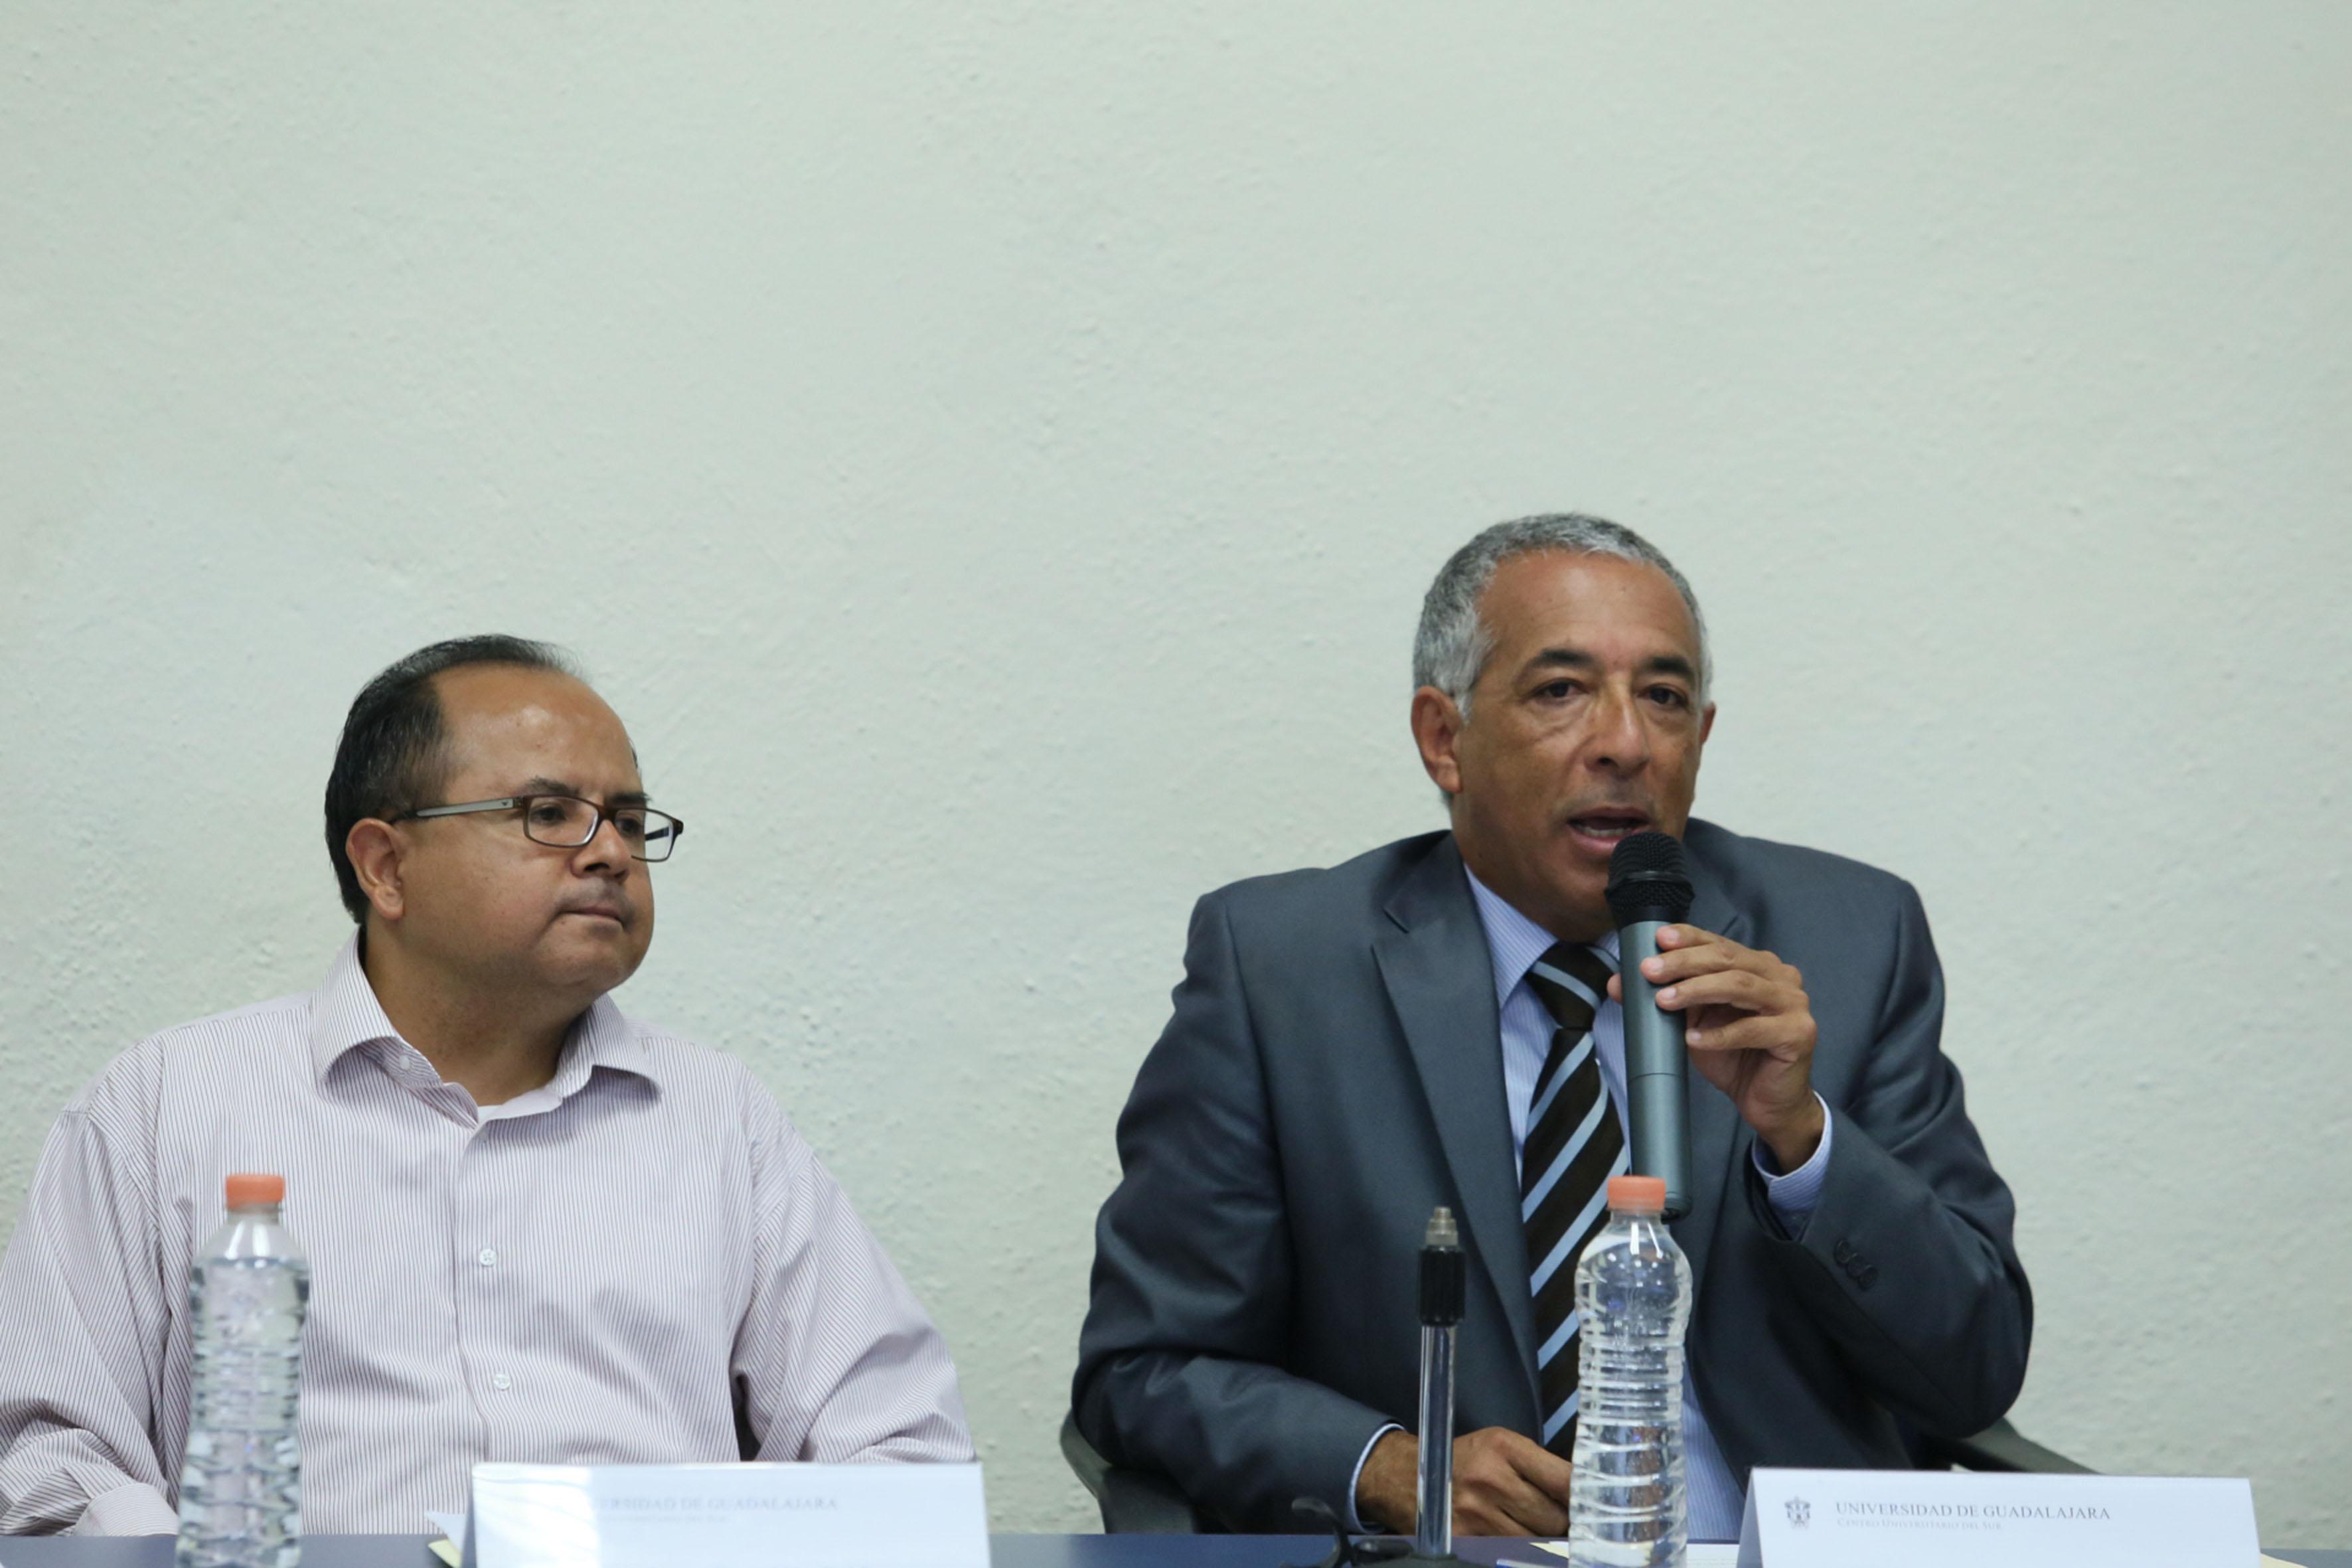 Rector del CUSur, Doctor Ricardo Xicoténcatl García Cauzor, frente al micrófono